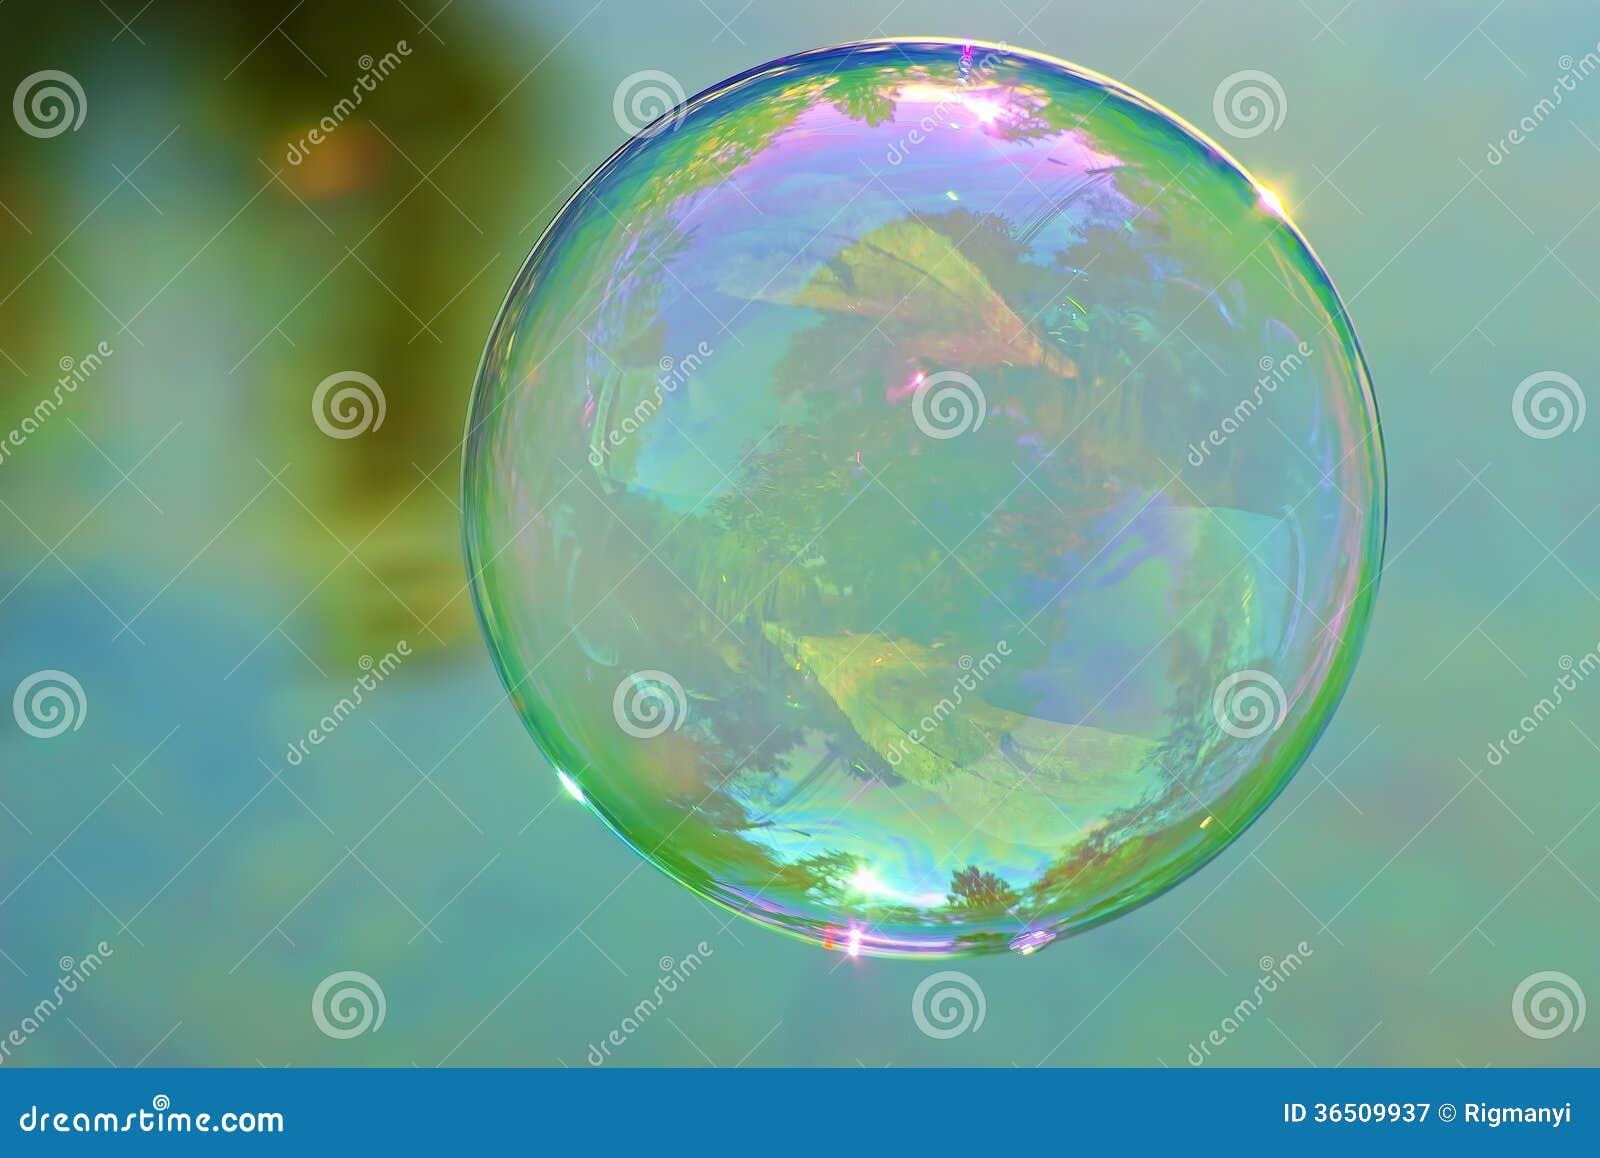 Única bolha de sabão